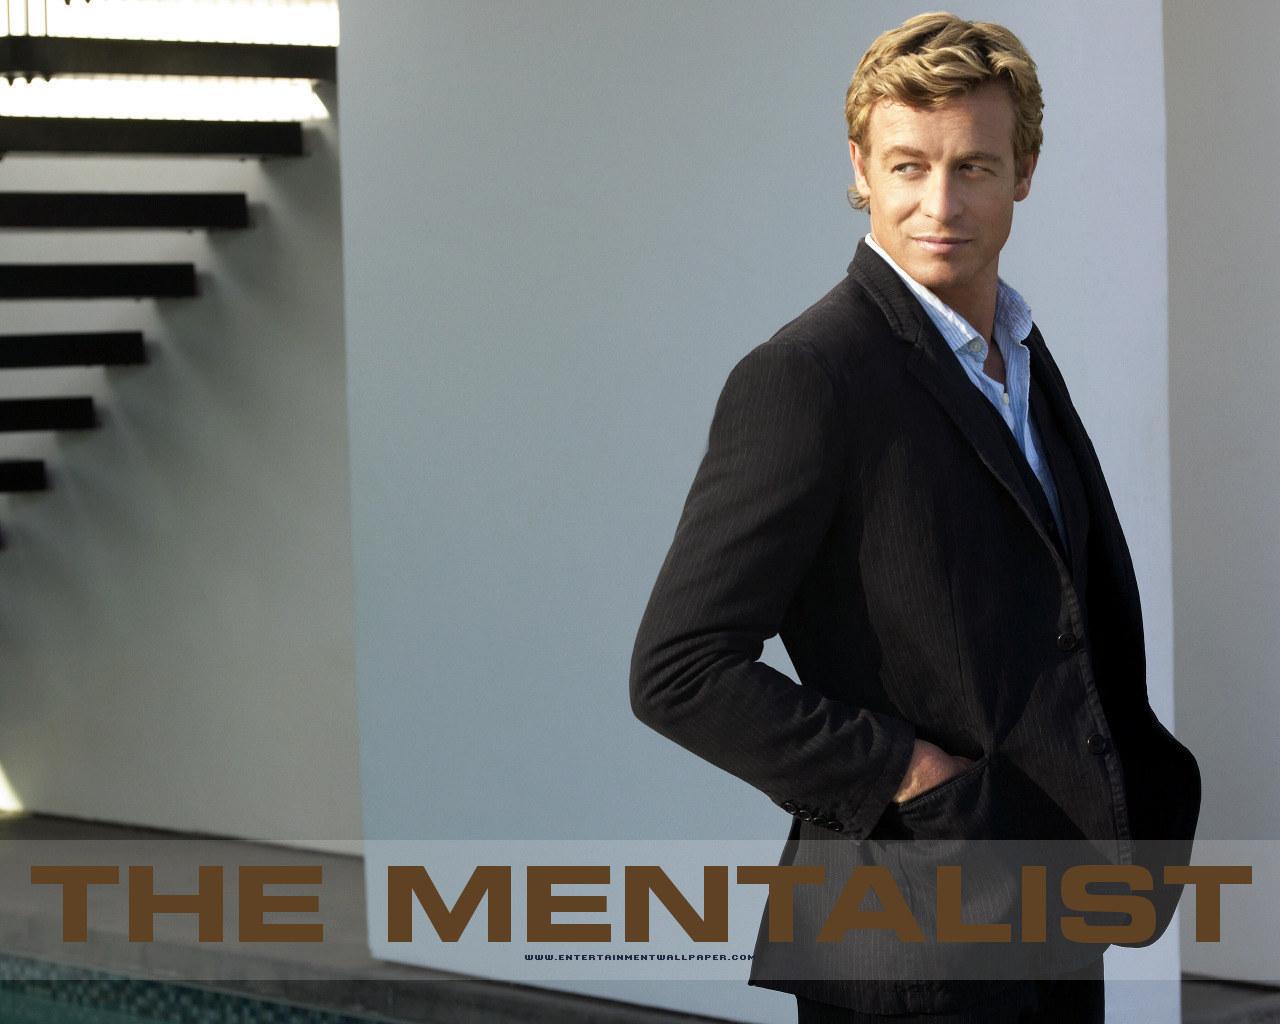 Programmi tv stasera, oggi 18 agosto 2012: 007 Octopussy, Ciao Darwin 5 e The Mentalist